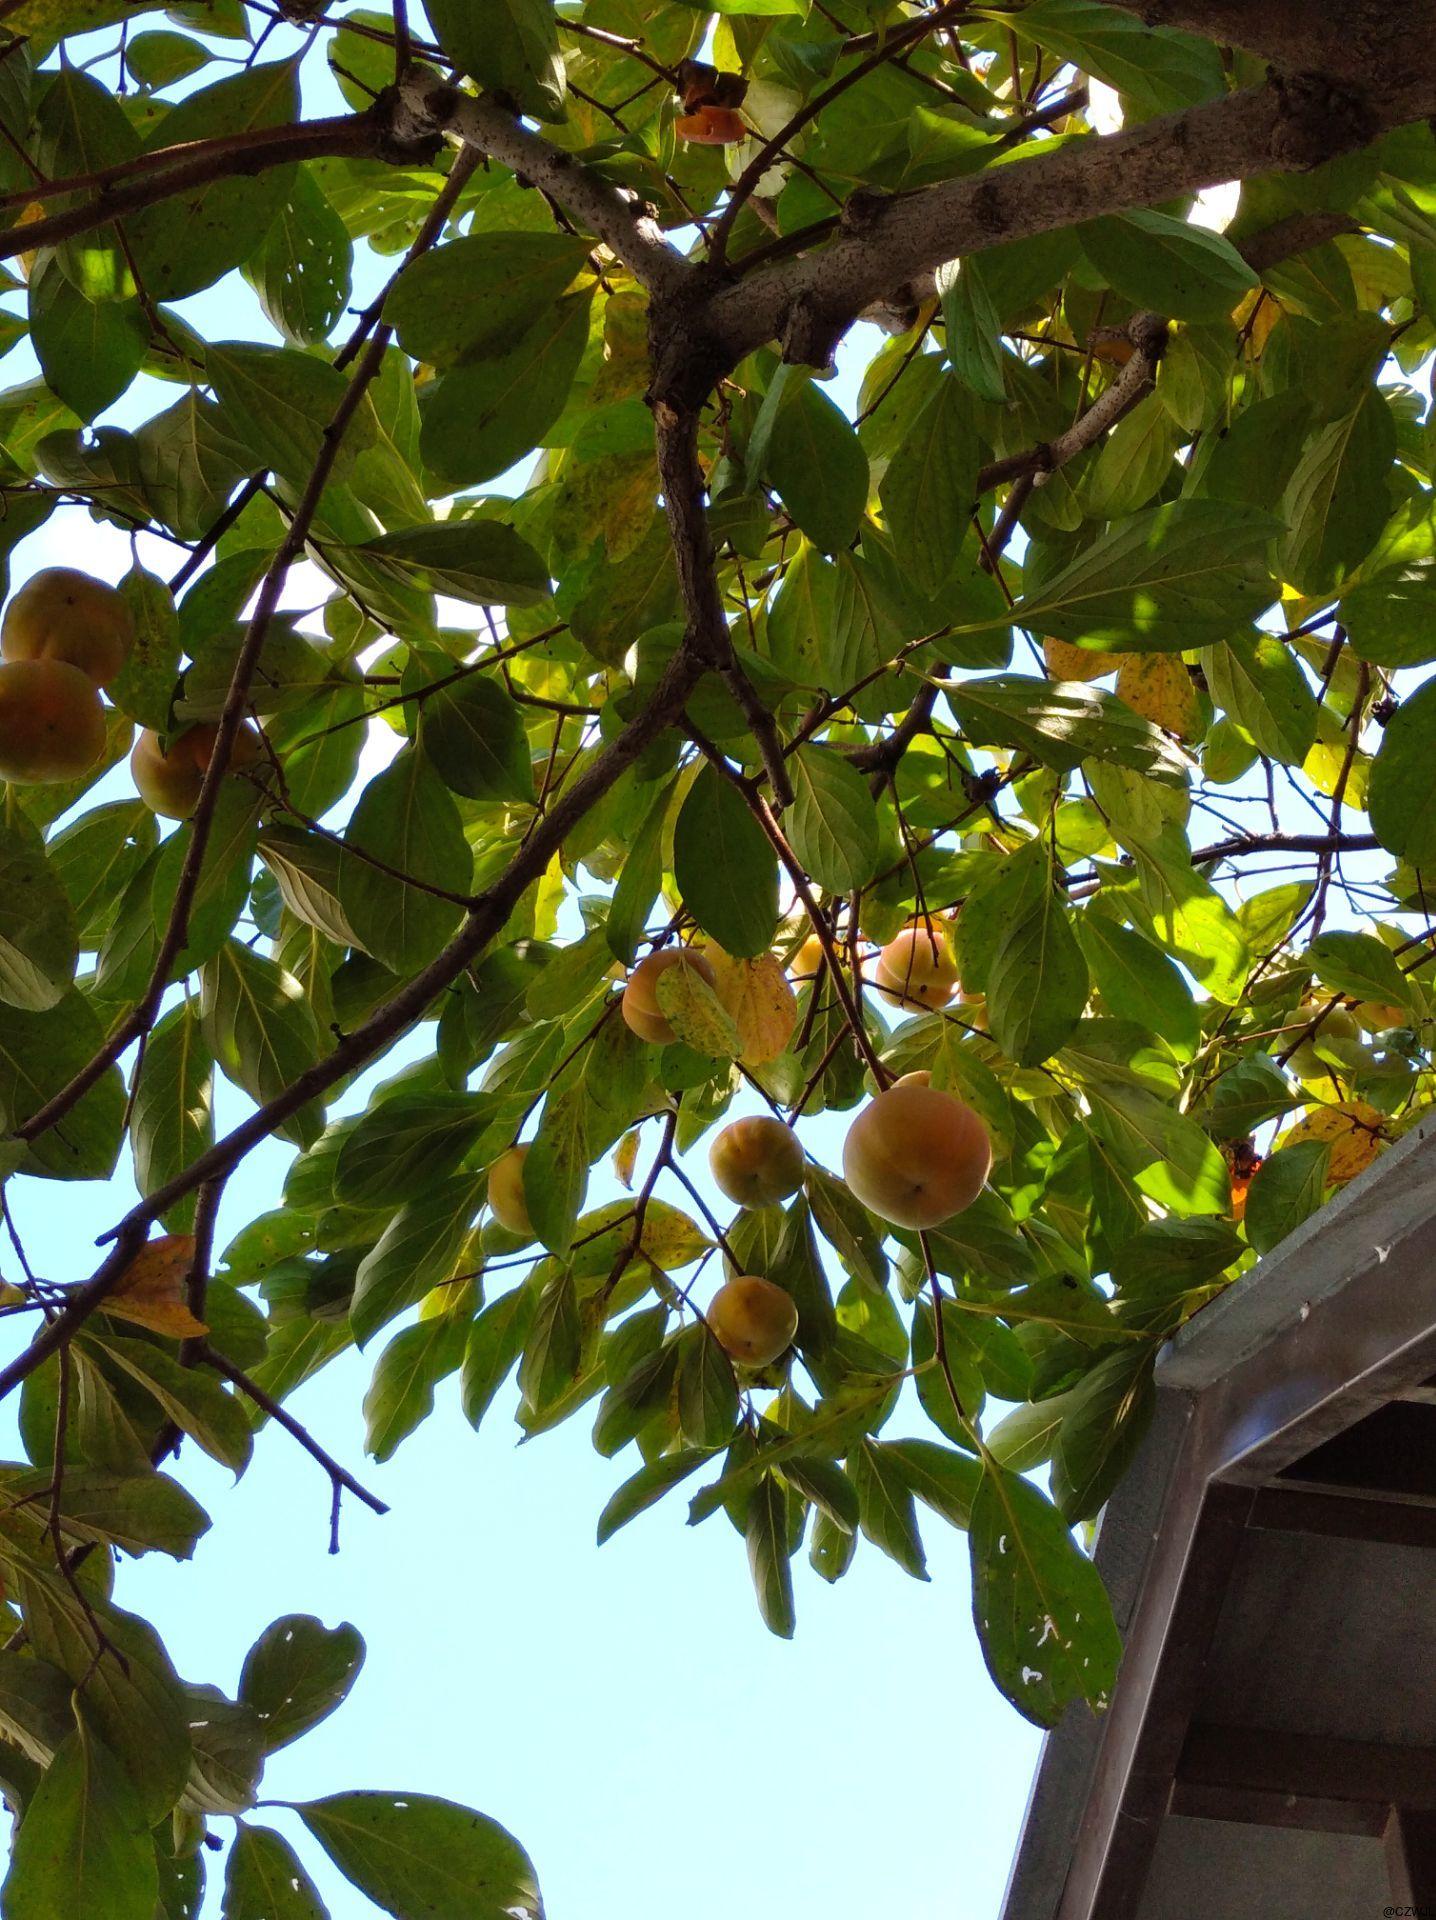 假期结束前,姑妈家做客,采柿子~感受收获季节的喜悦